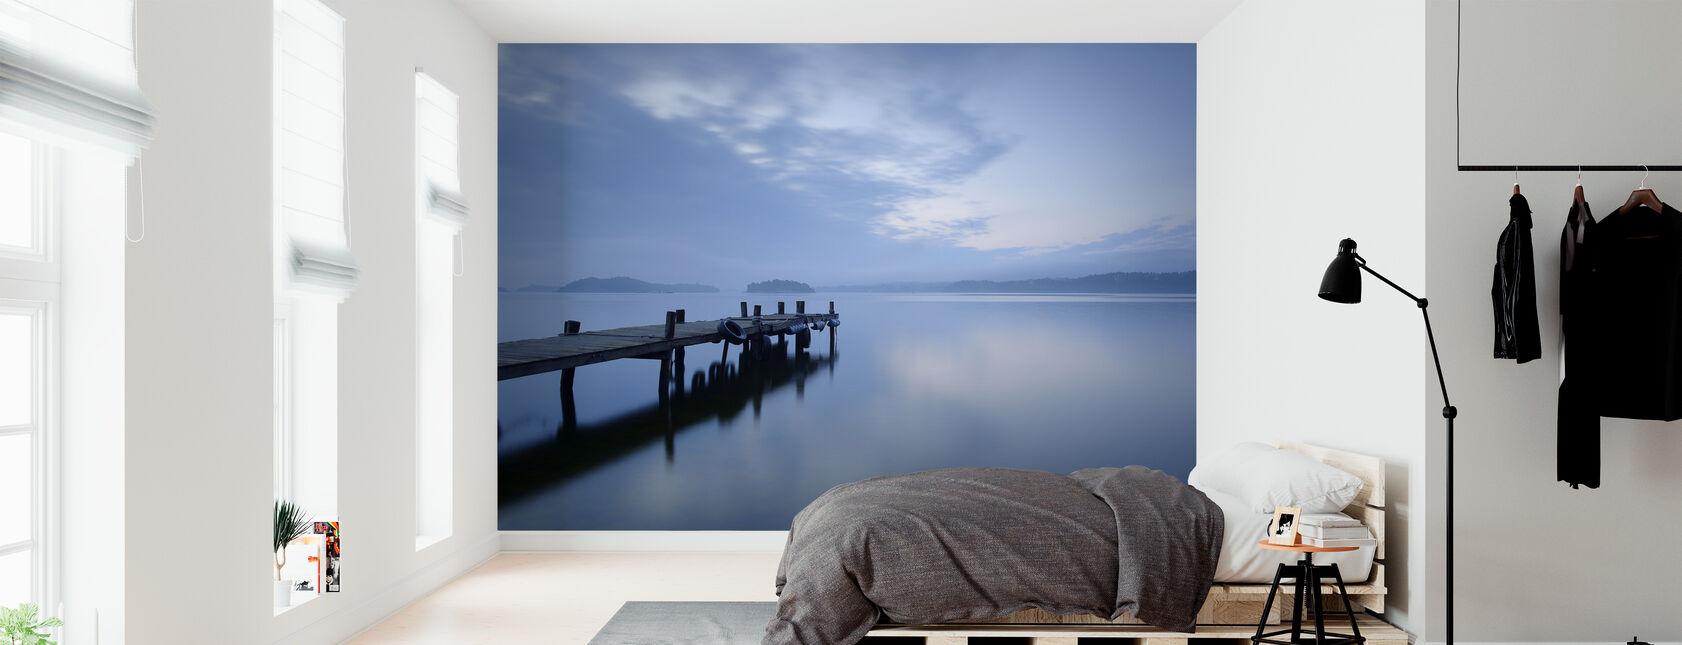 Wooden Pier in Still Lake - Wallpaper - Bedroom